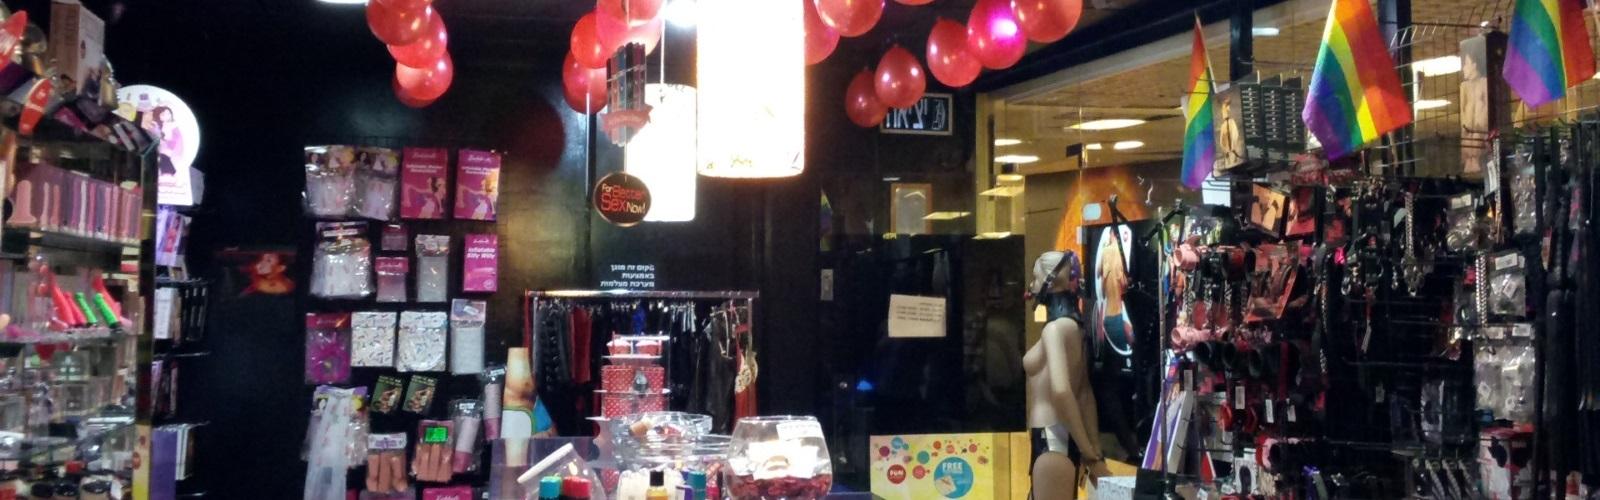 תמונה של פנים החנות פאן סטאף בדיזנגוף סנטר תל אביב, בתמונה ישנם אביזרי מין וצעצועים אחרים.